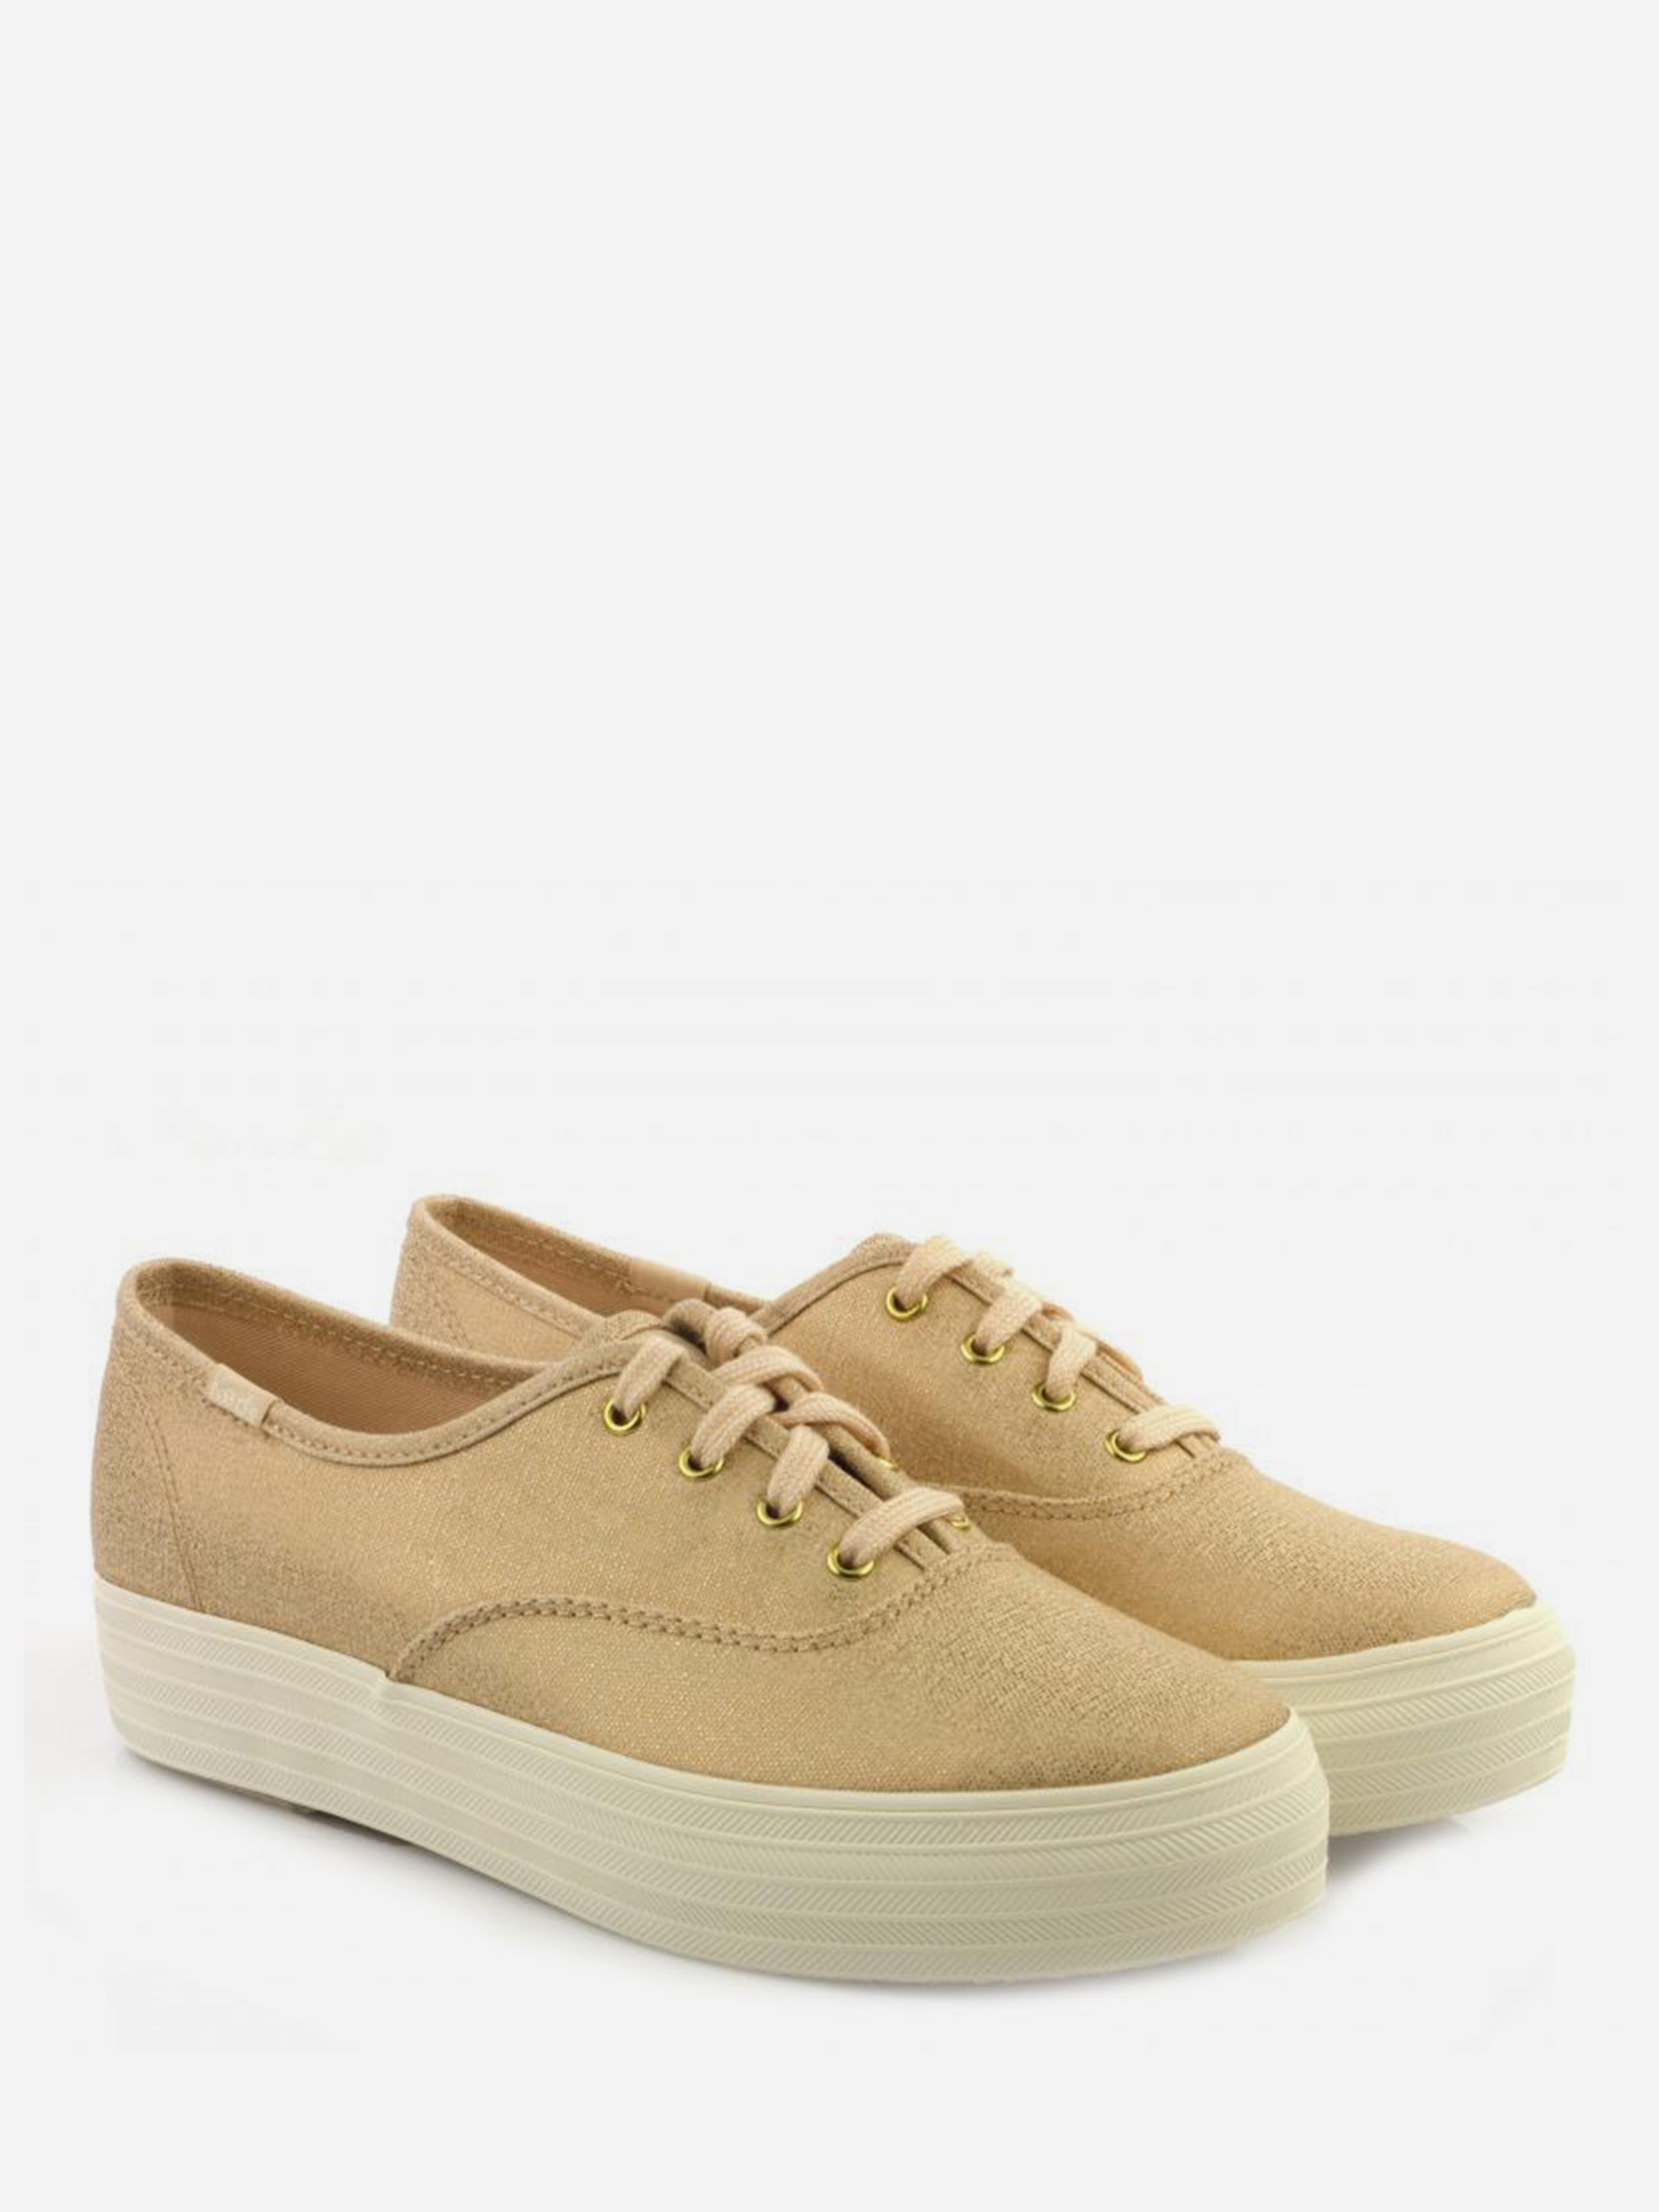 Кеды женские KEDS KD253 цена обуви, 2017